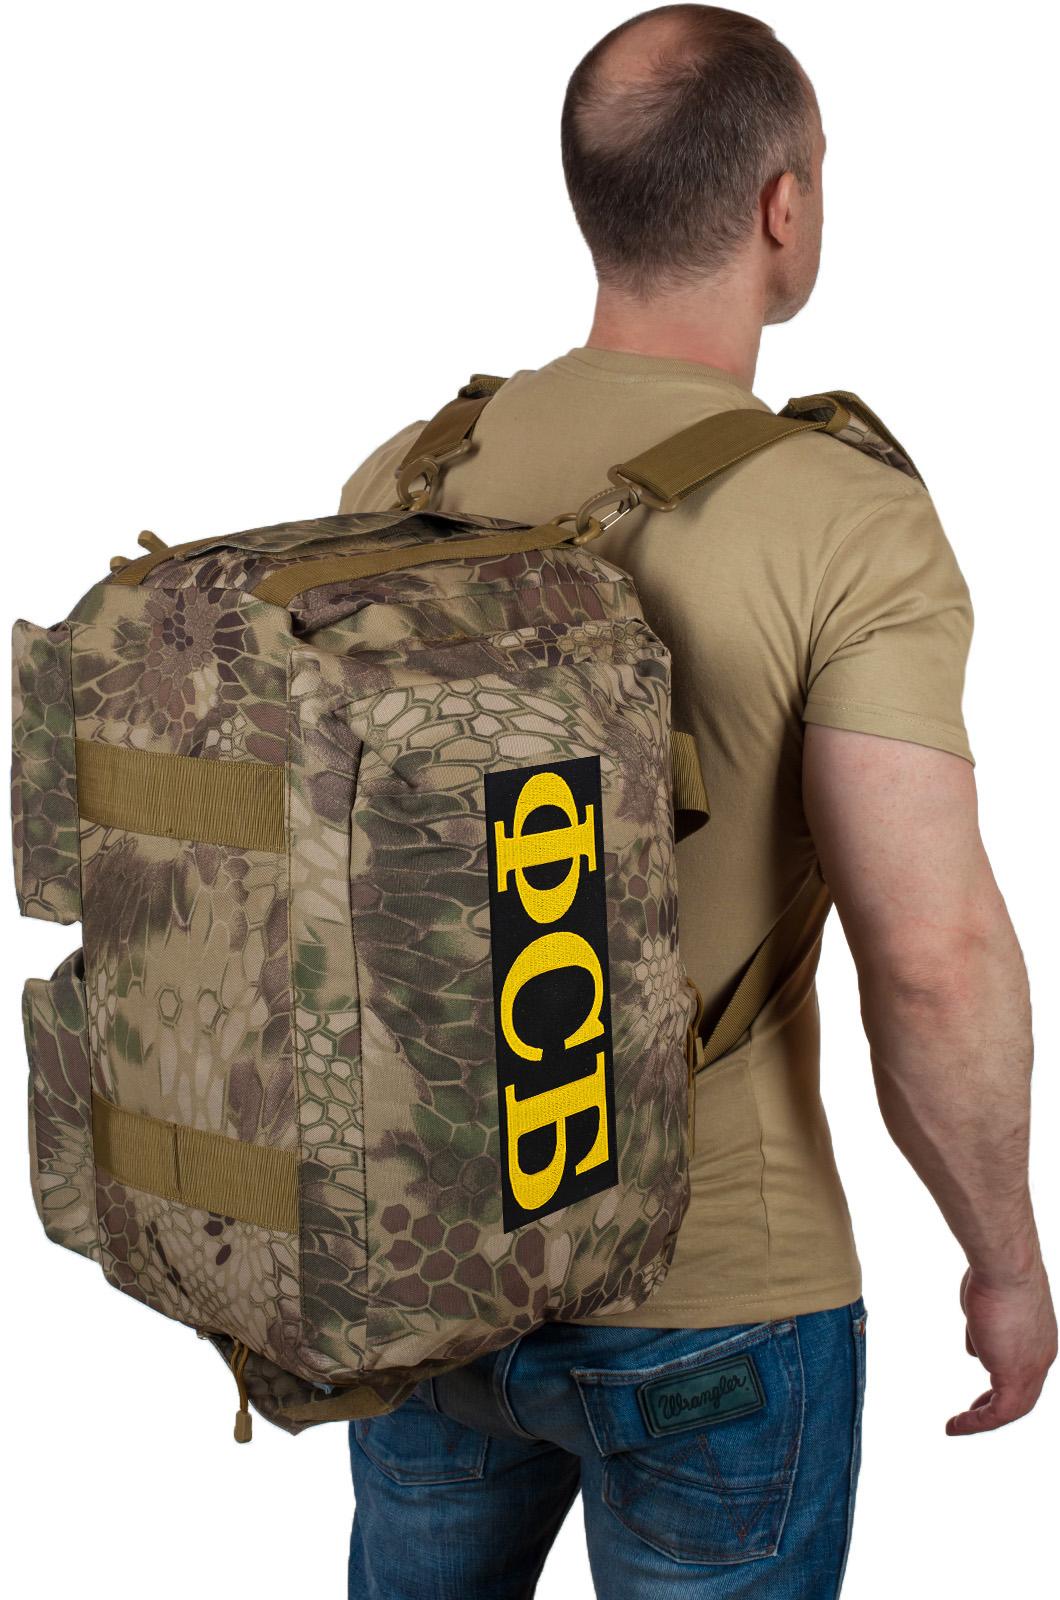 Купить тактическую походную сумку ФСБ по специальной цене онлайн